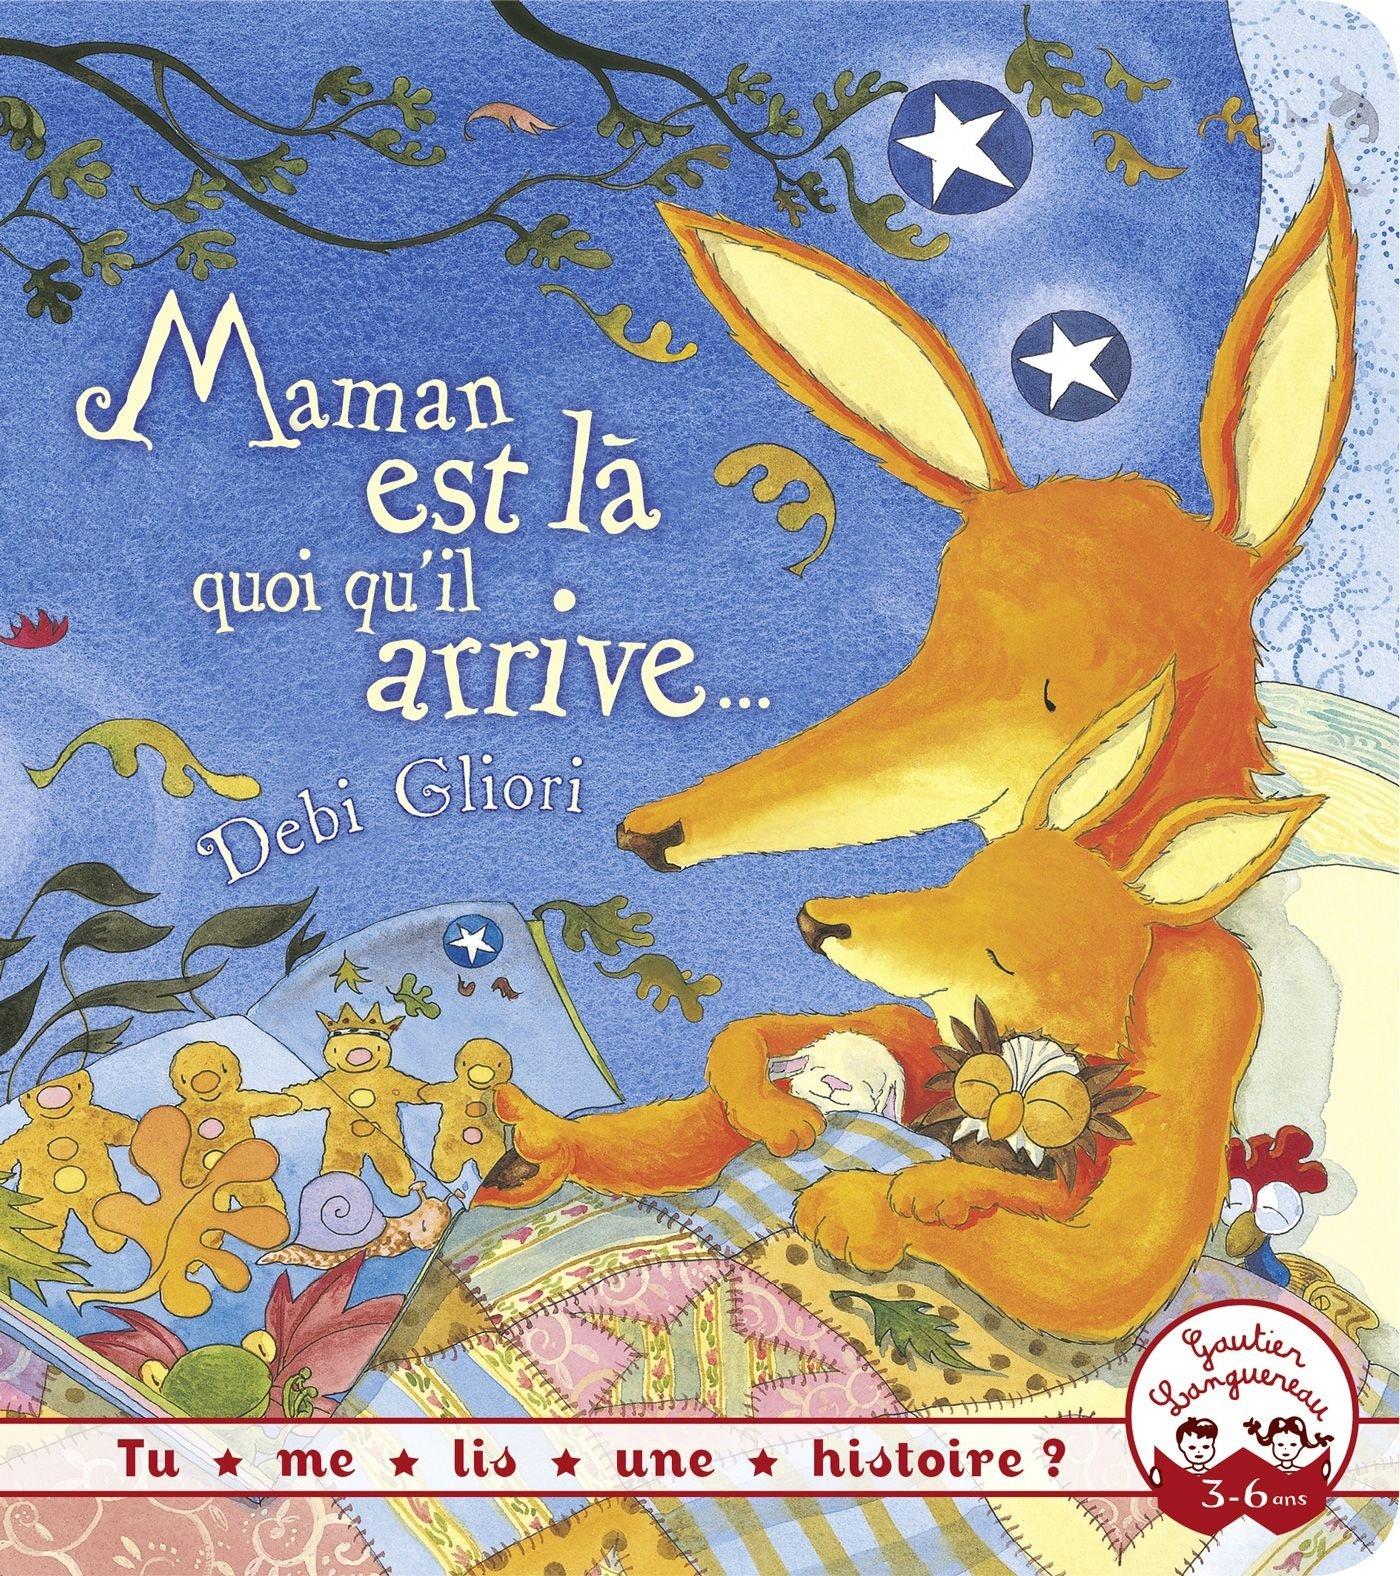 Tu me lis une histoire? - Maman est là quoi qu'il arrive Album – 2 juillet 2014 Debi Gliori Gautier Languereau 2013831463 Albums